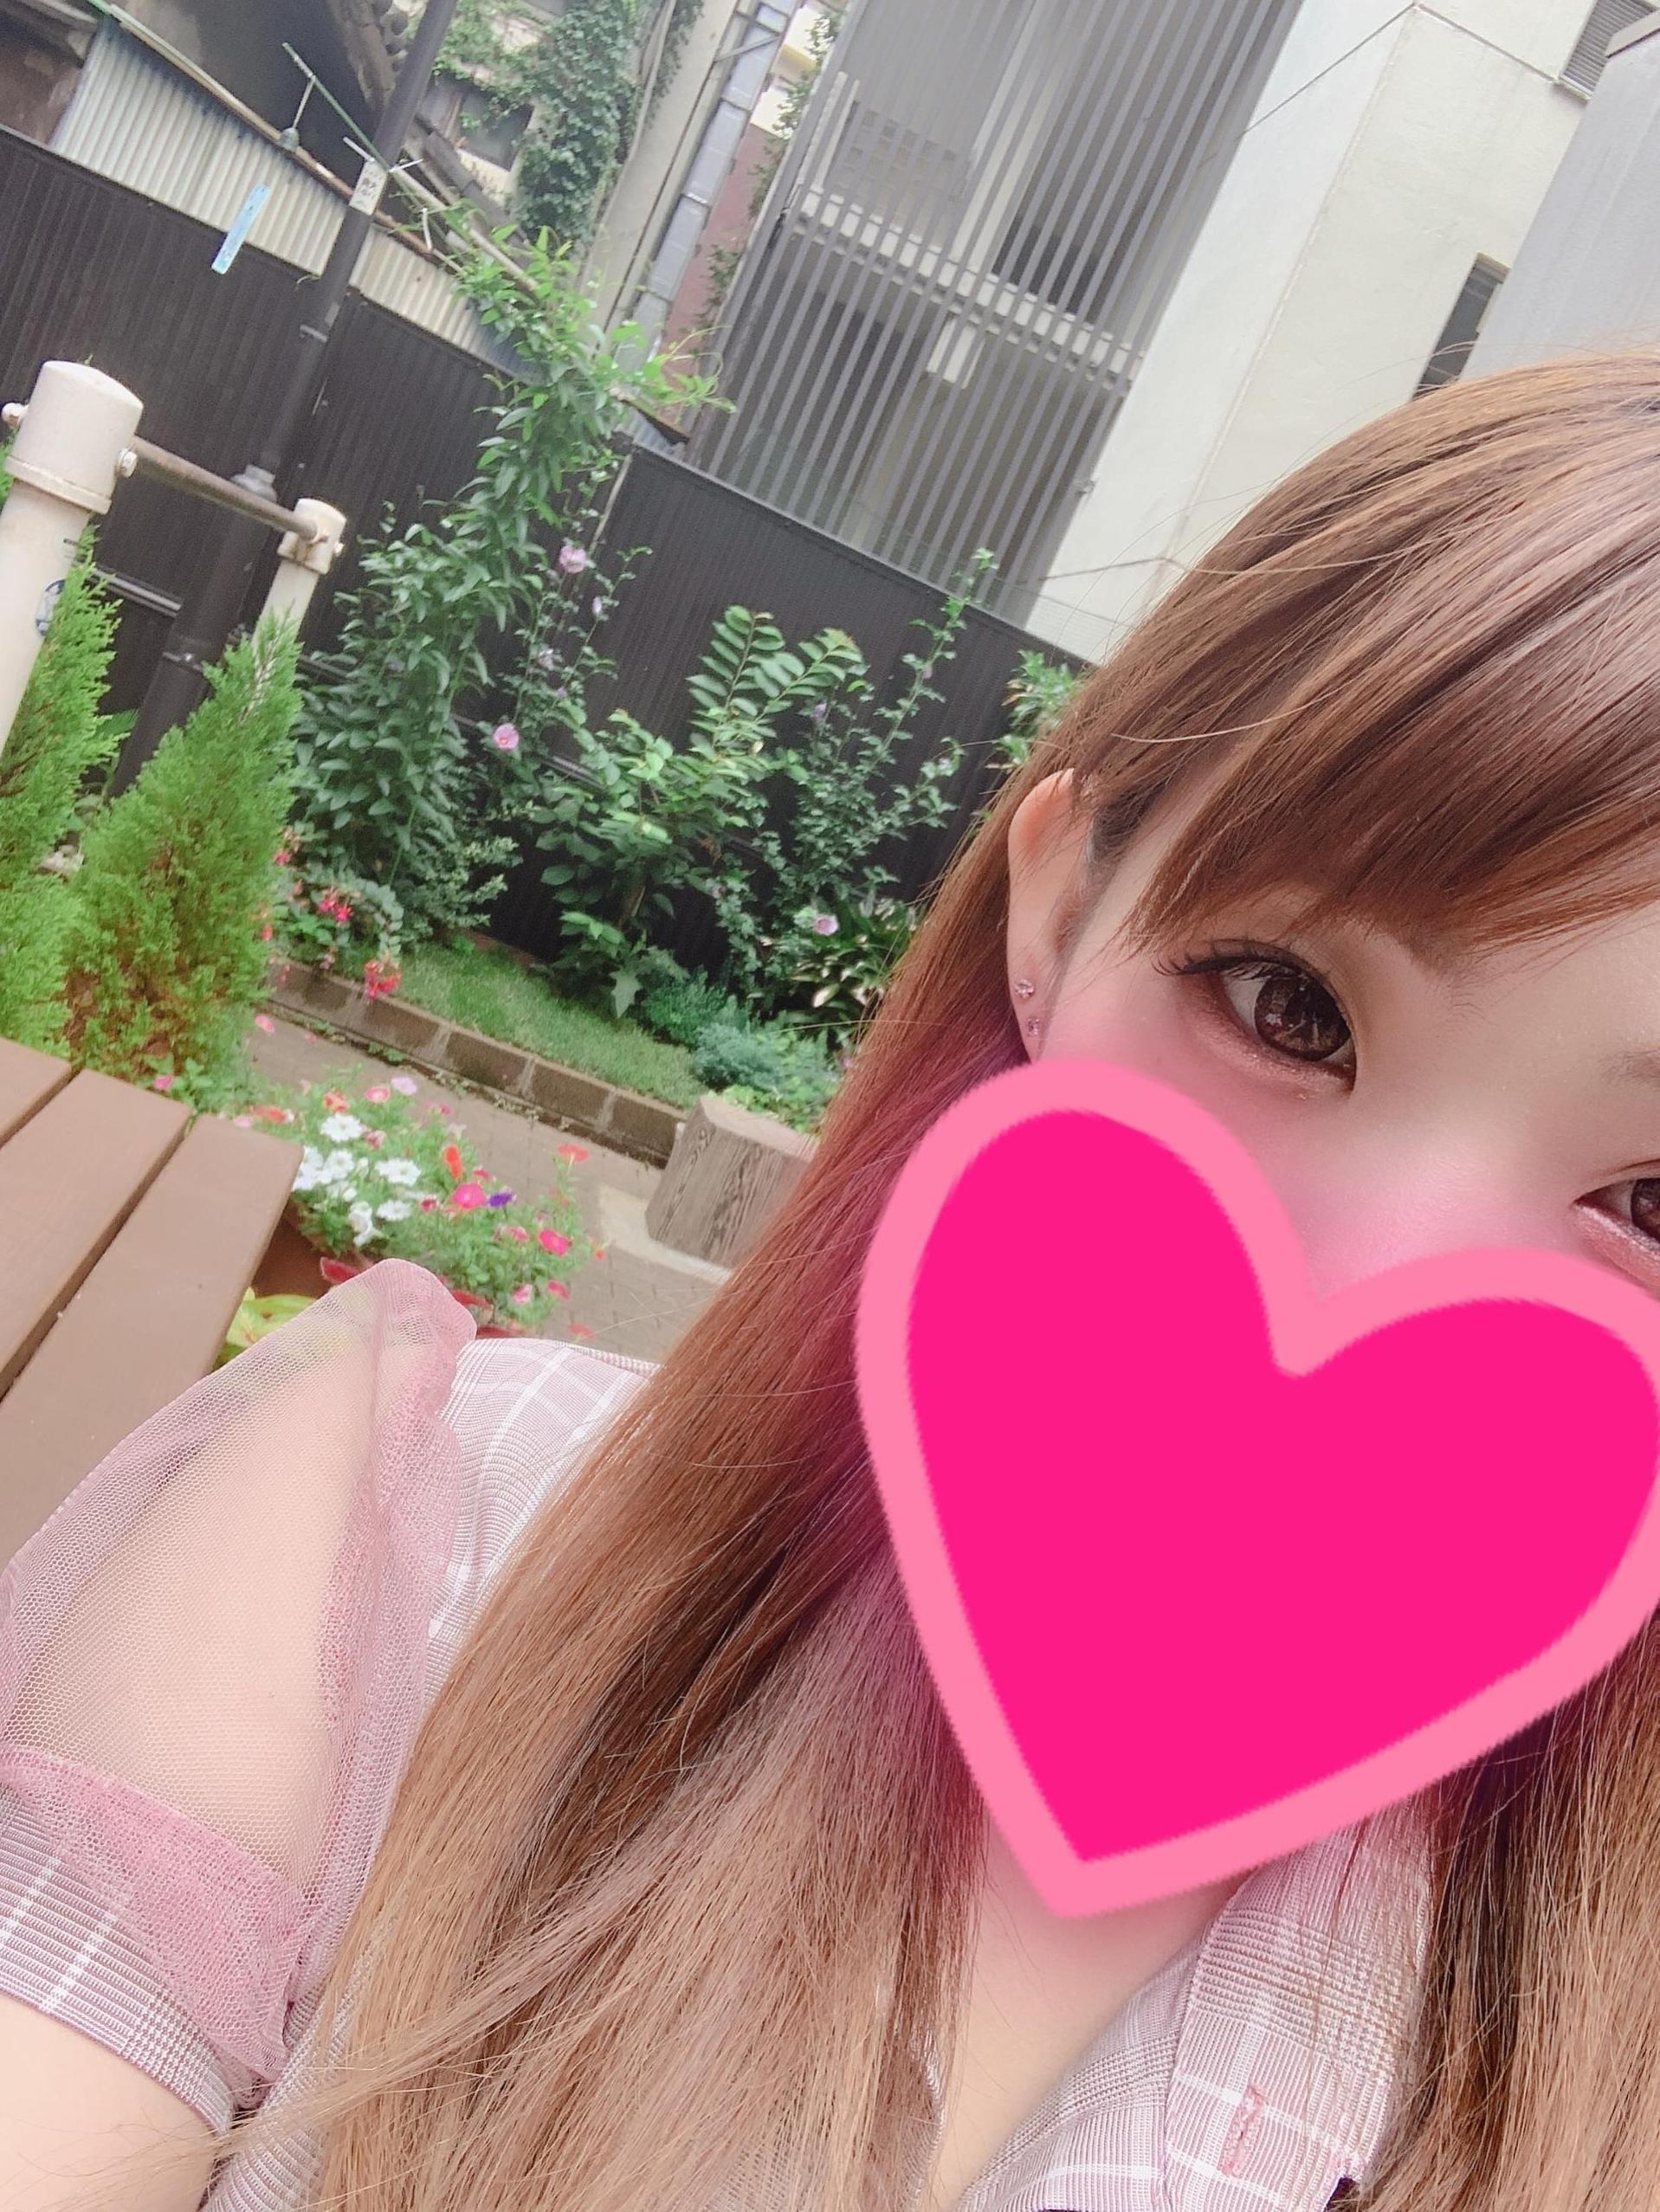 「お散歩(((?  ?-?  )))?」07/10(07/10) 16:14 | みかこの写メ・風俗動画